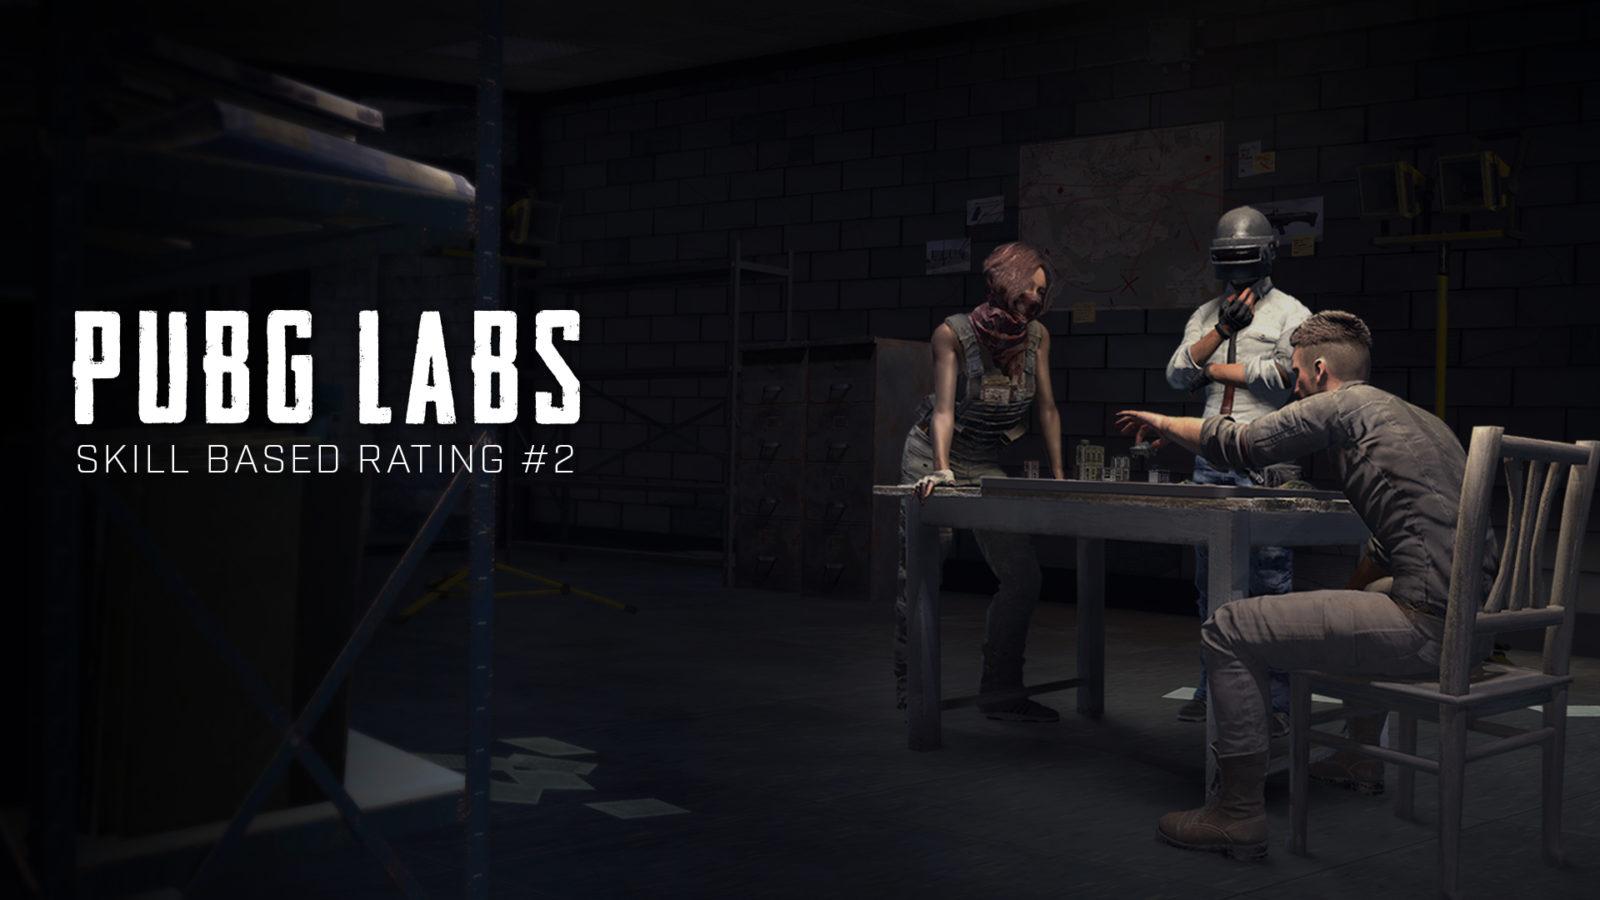 Второе тестирование рангового набора правил в PUBG Labs